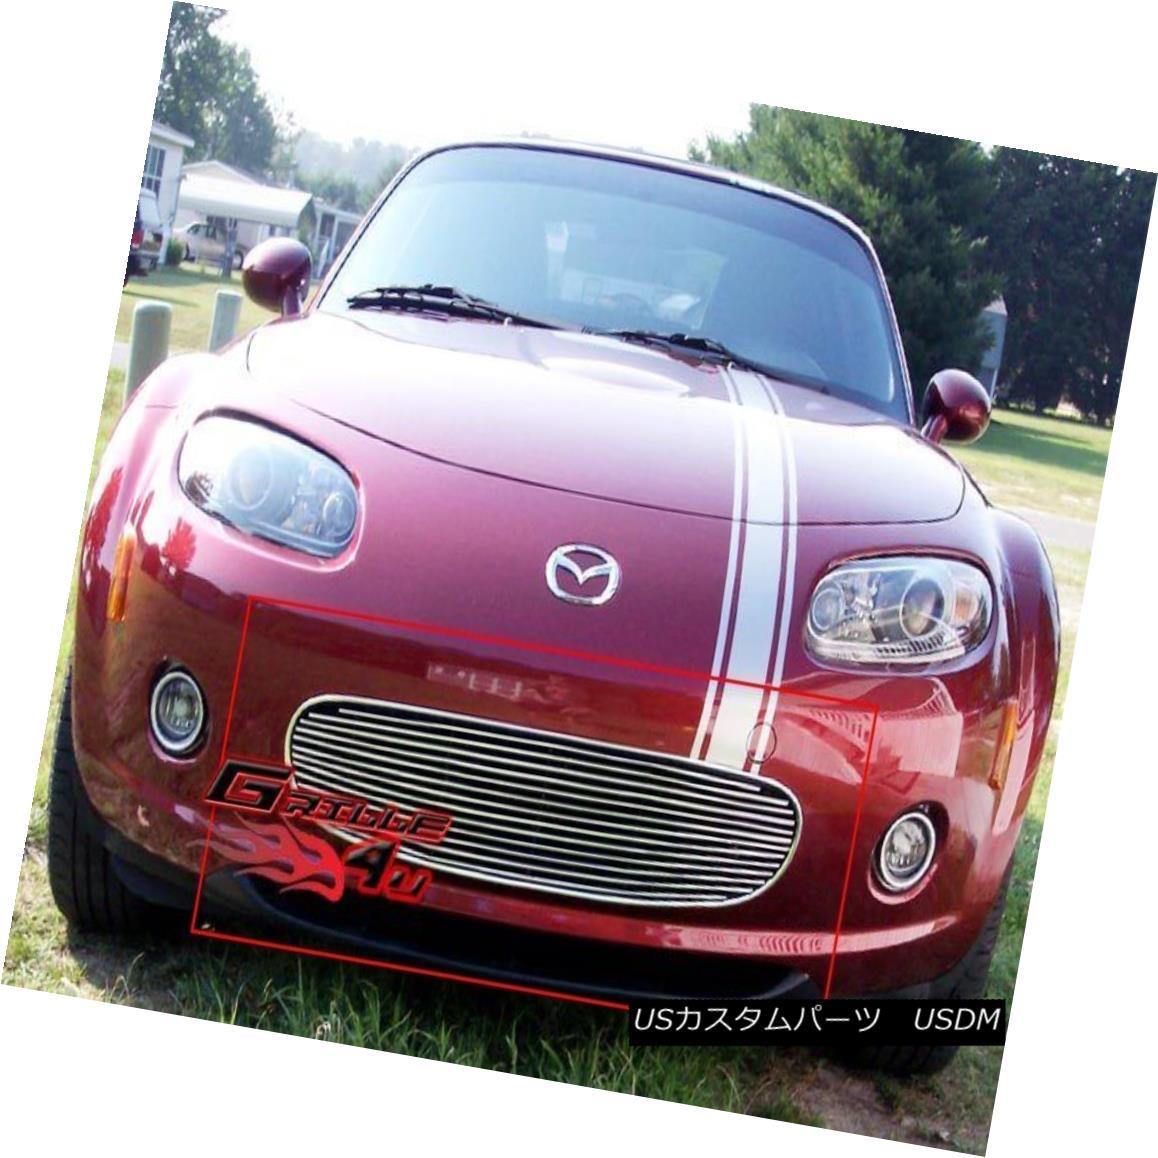 グリル Fits 2006-2008 Mazda MX-5 Lower Bumper Billet Grille Insert フィット2006-2008マツダMX - 5ロワーバンパービレットグリルインサート